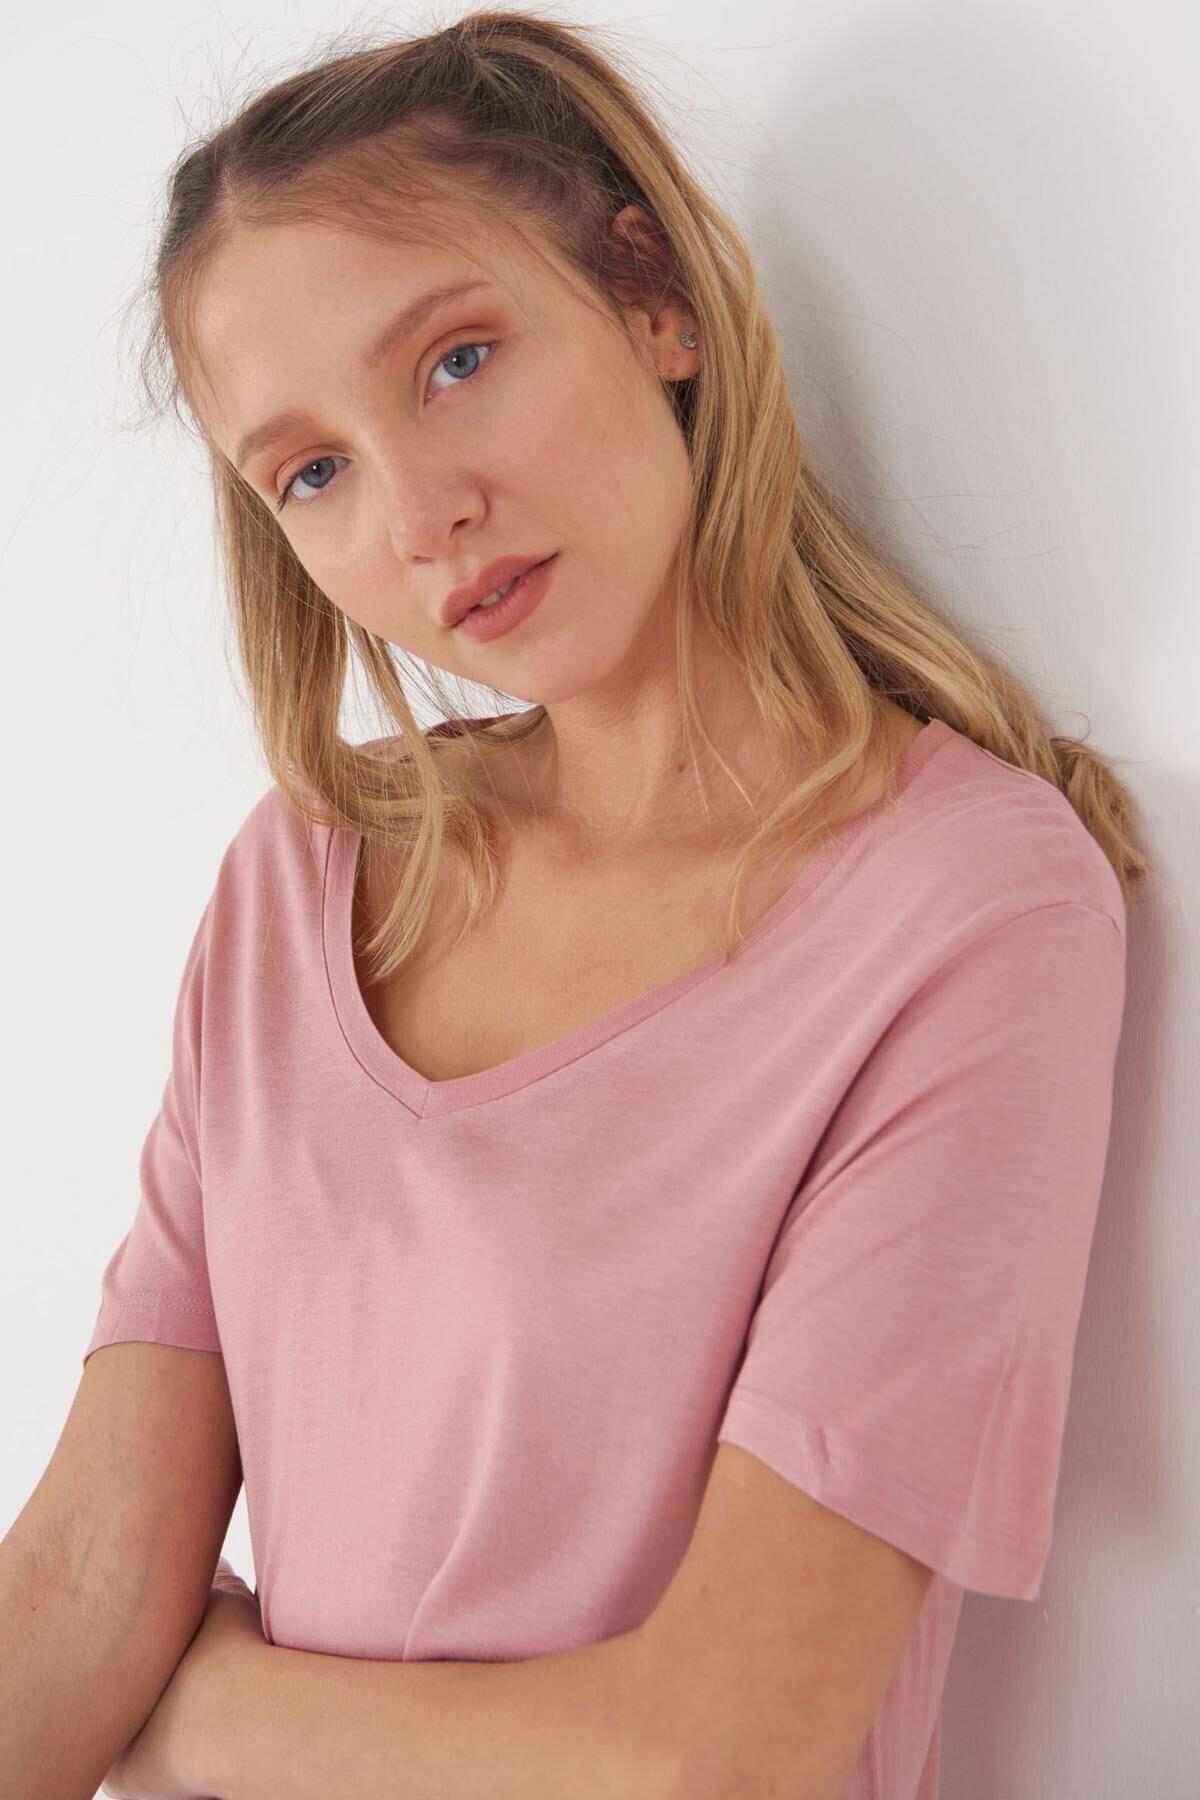 Addax Kadın Pudra V Yaka T-Shirt B0225 - L7 - L8 Adx-00008886 2